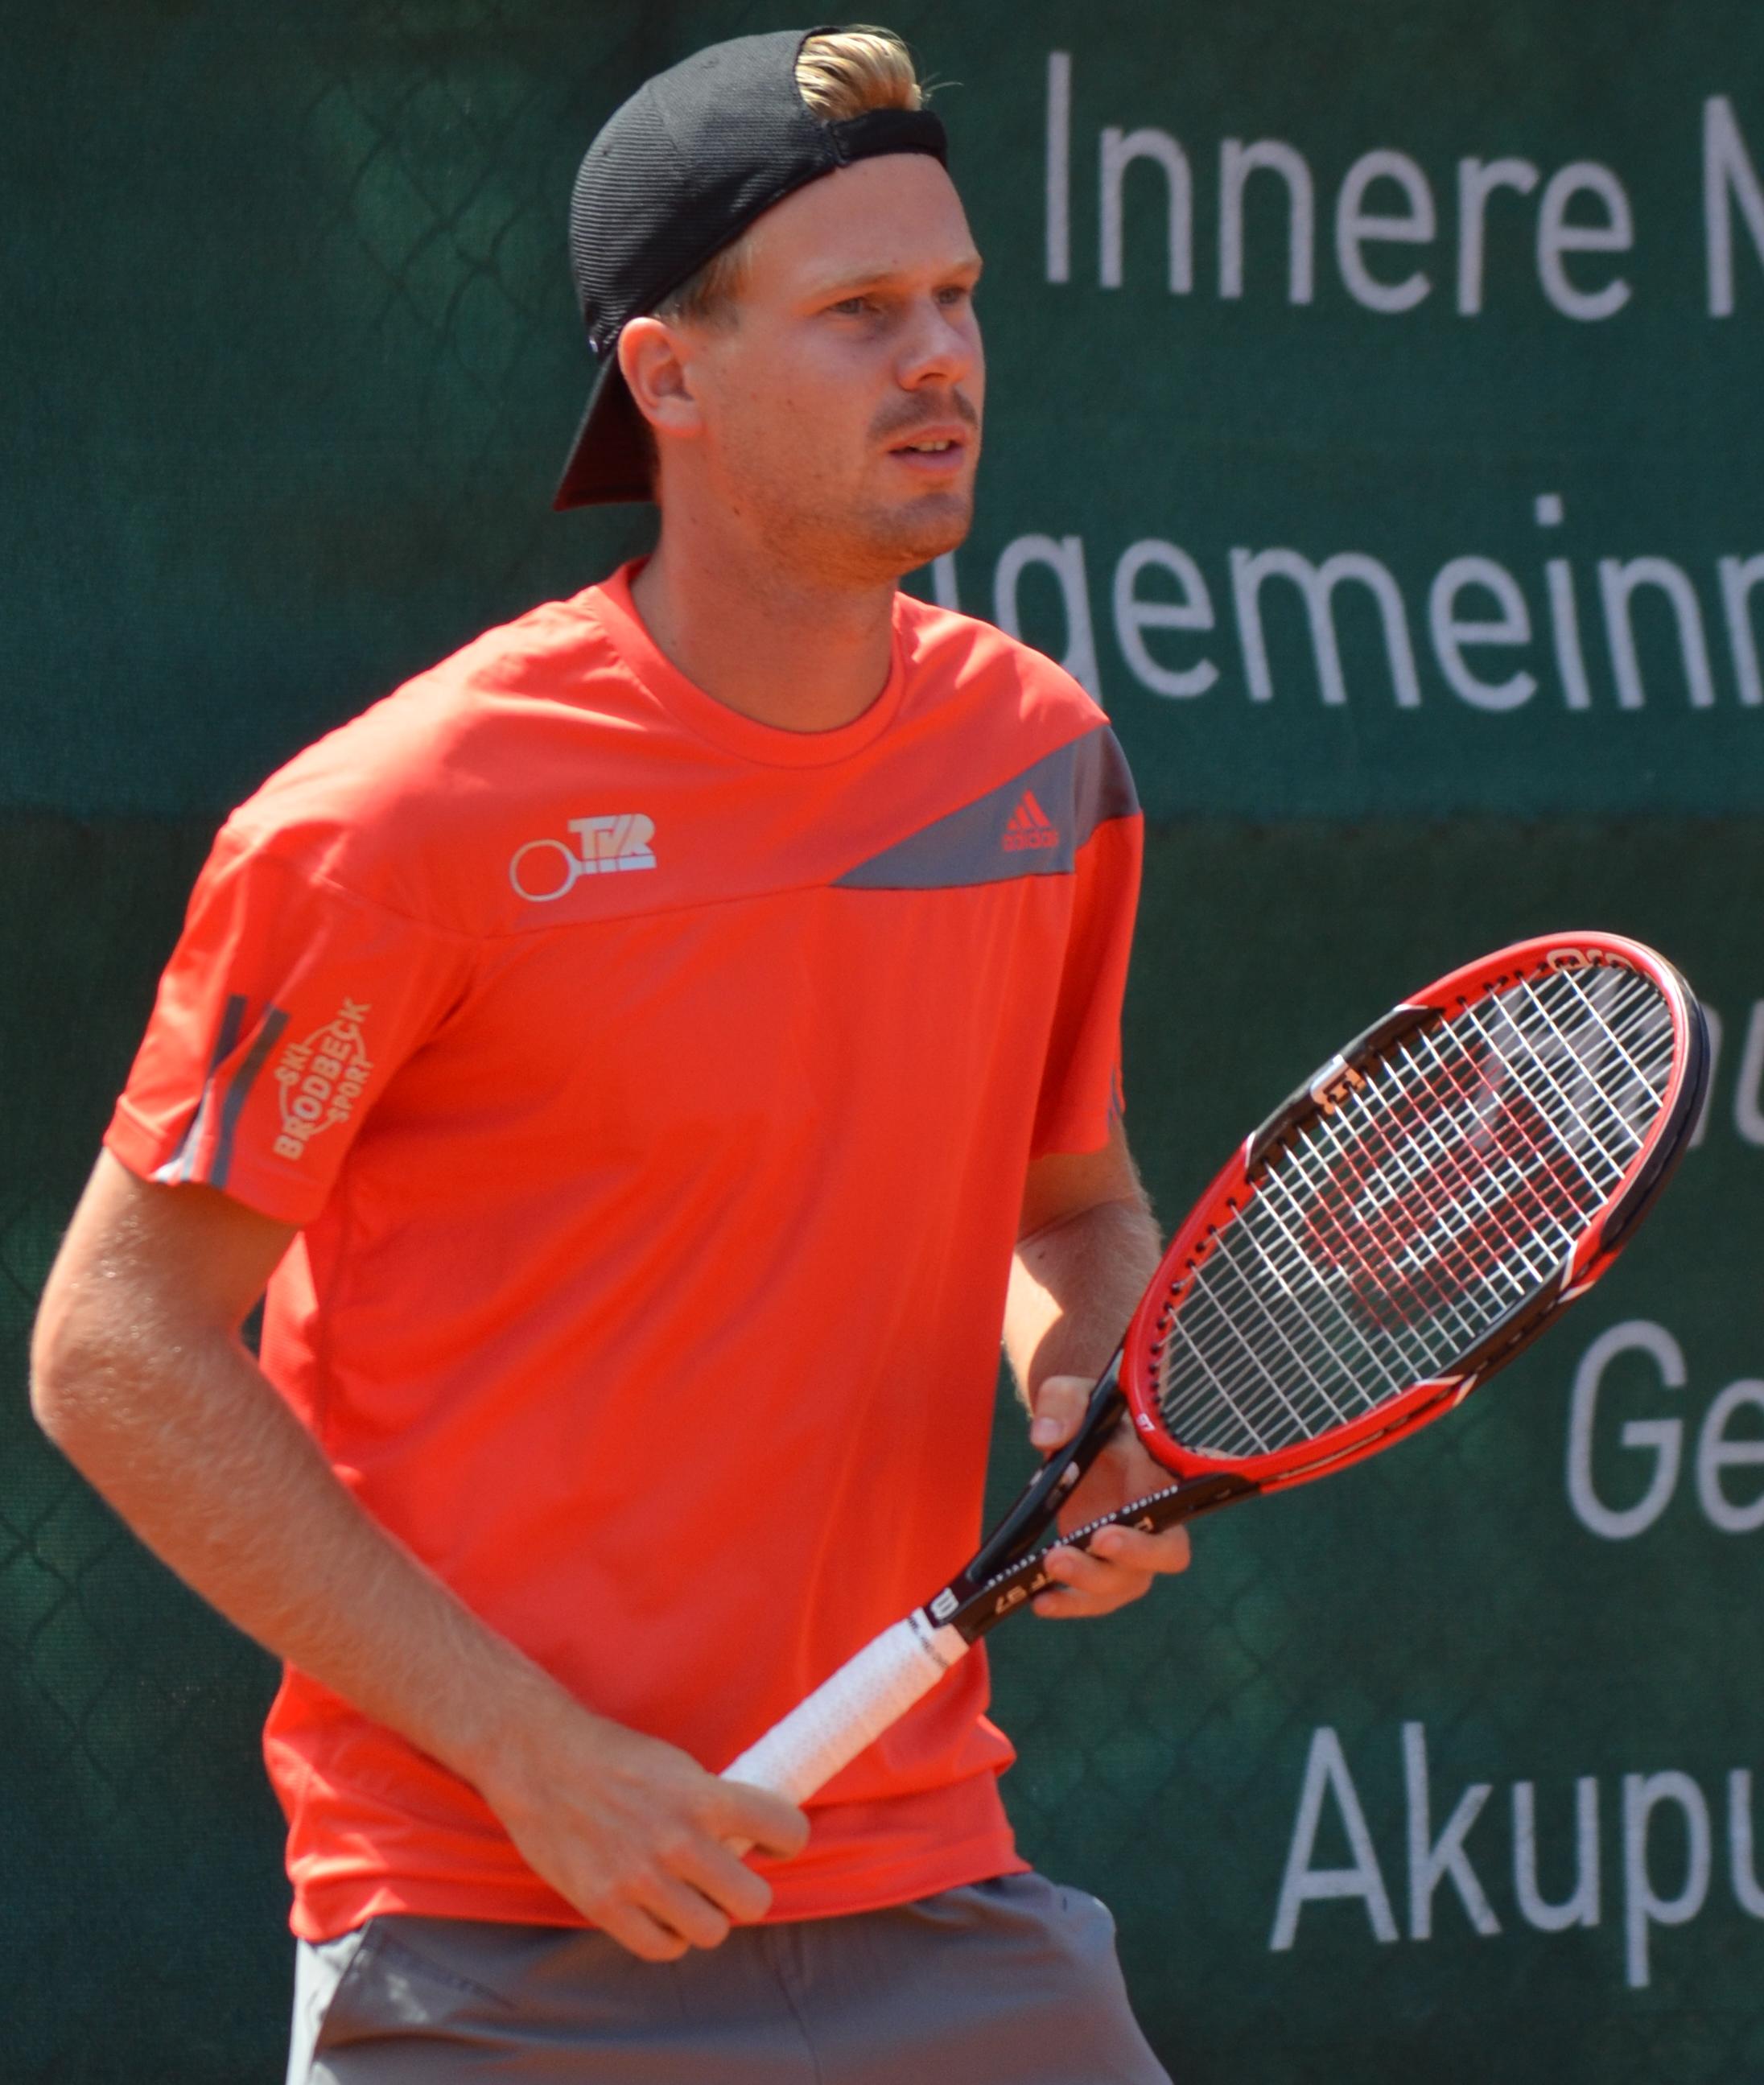 Nils Langer